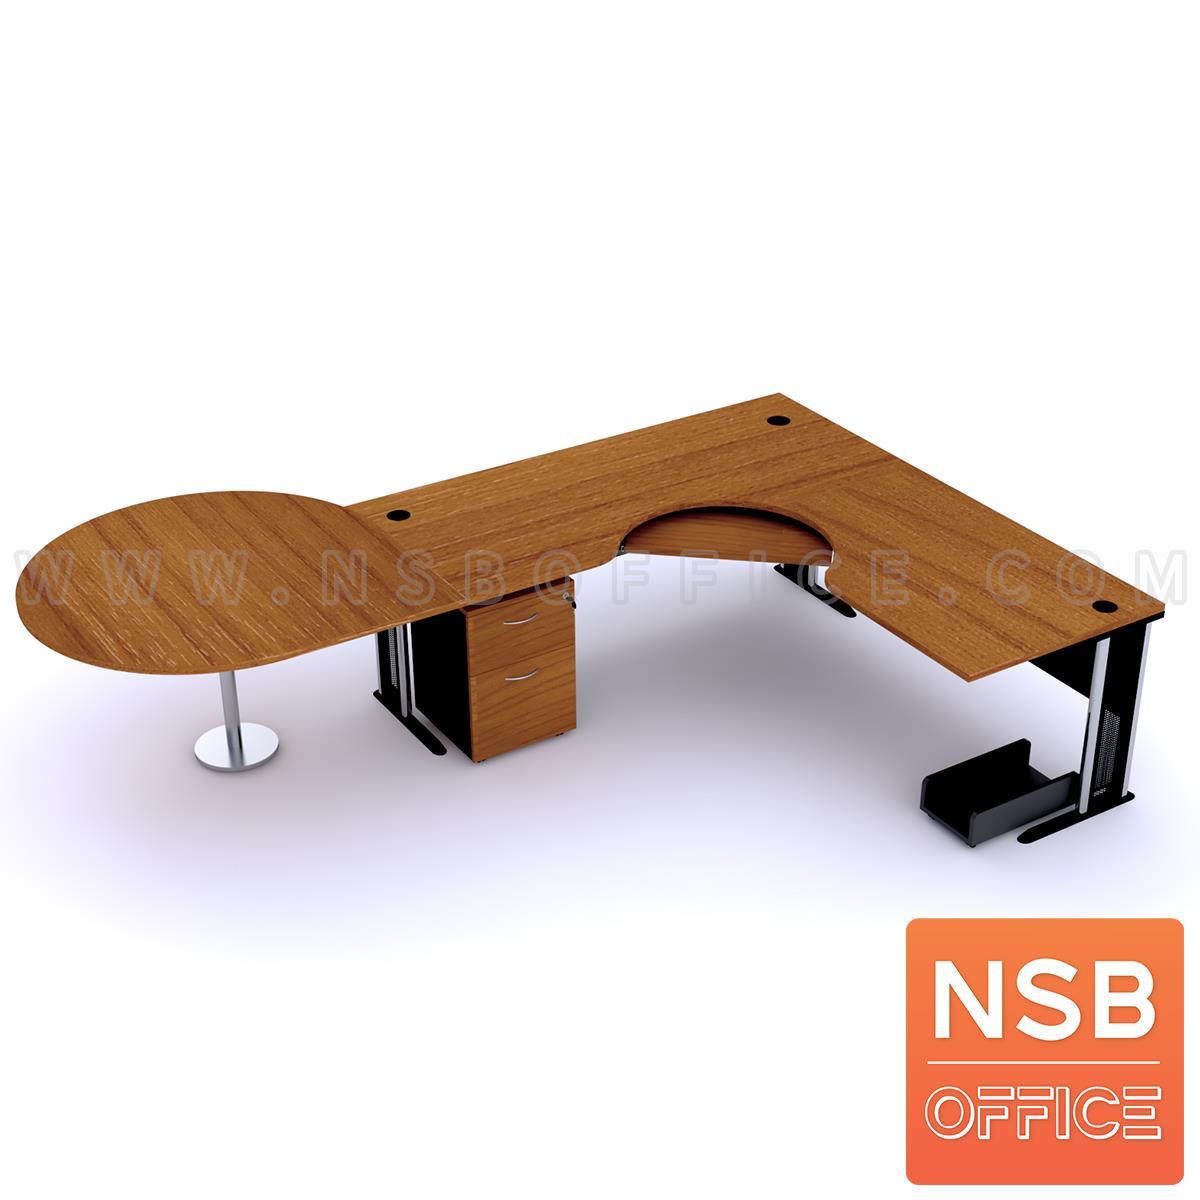 A13A032:โต๊ะผู้บริหารตัวแอลหน้าโค้งเว้า   ขนาด 300W1*180W2 cm. ขาเหล็กโครเมี่ยมดำ สีเชอร์รี่-ดำ *แอลตามภาพเท่านั้น*